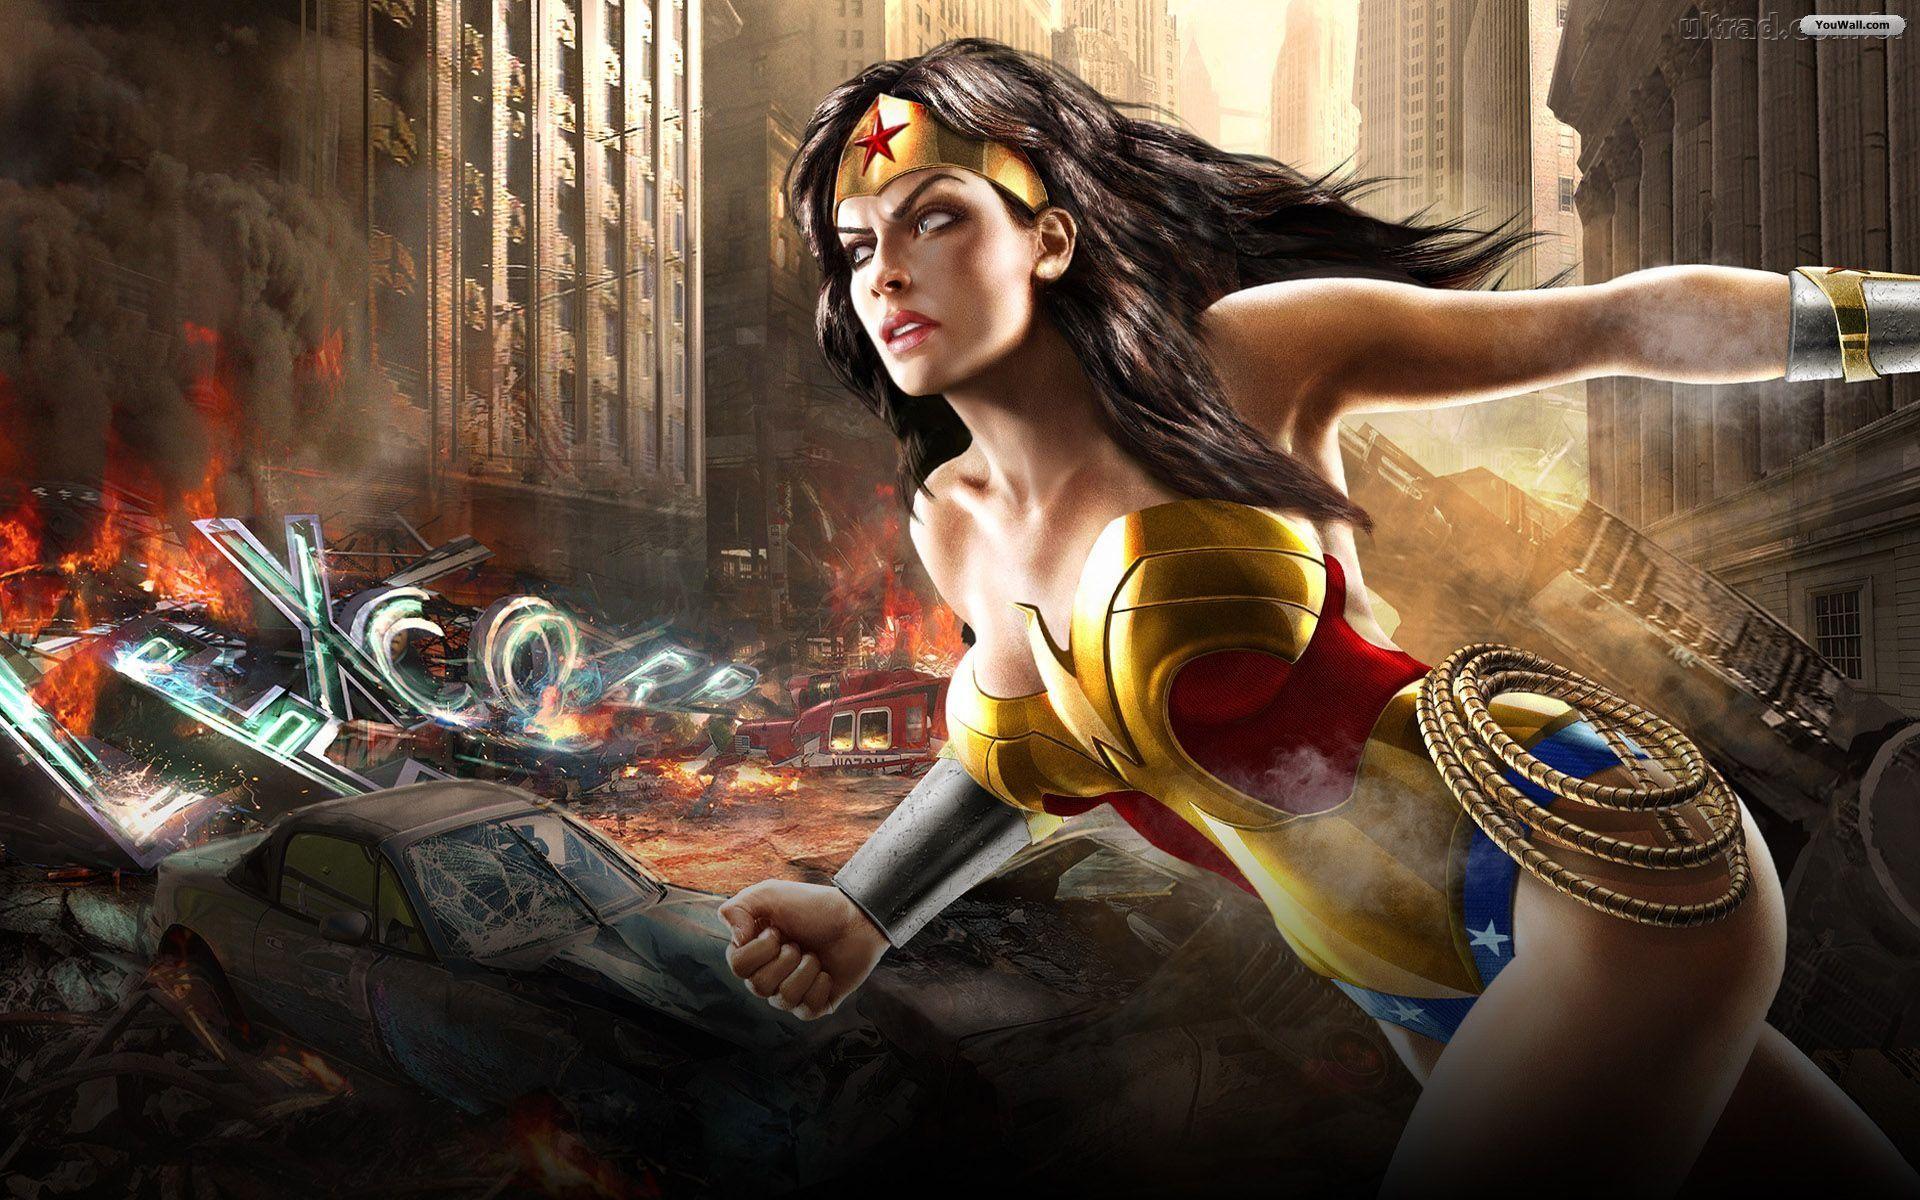 Wonder Woman Wallpaper Wonder Woman Wonder Woman Movie Superhero Comic